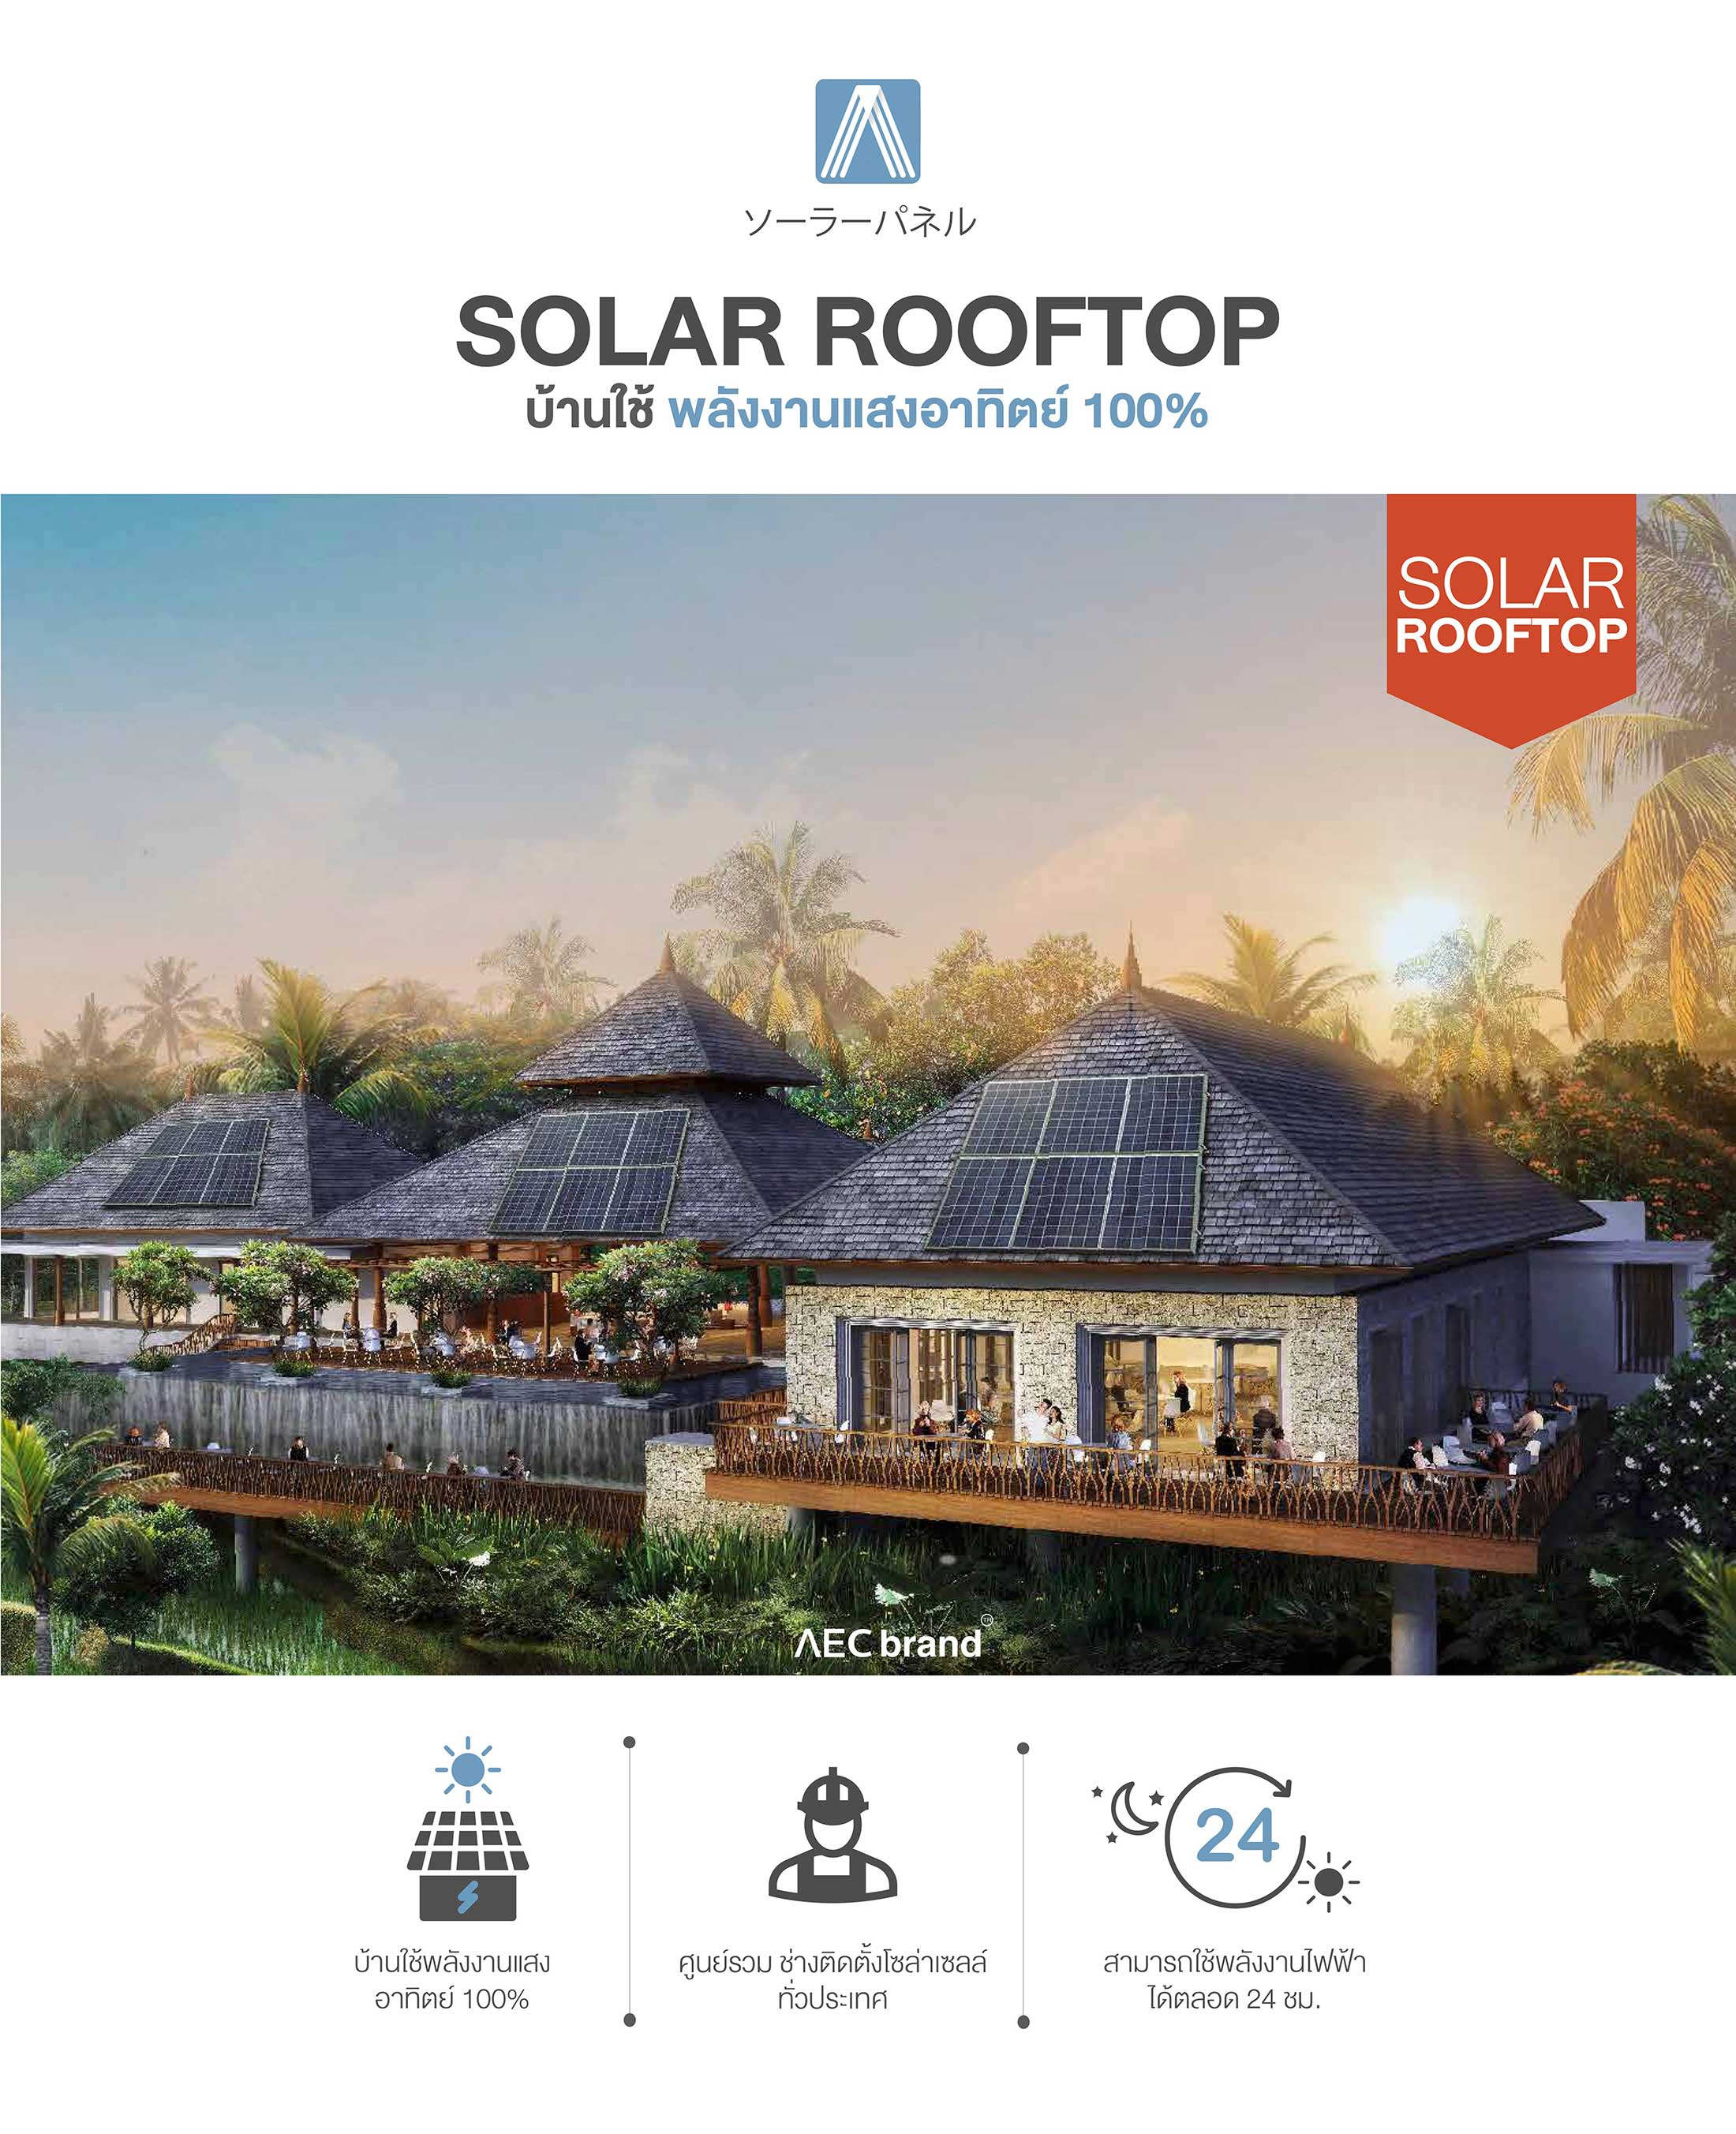 ดาวน์โหลด-1-สเปค-แพ็กเกจติดตั้ง-Solar-Rooftop-โดยที่งาน-AEC-brand-จากทั่วประเทศ